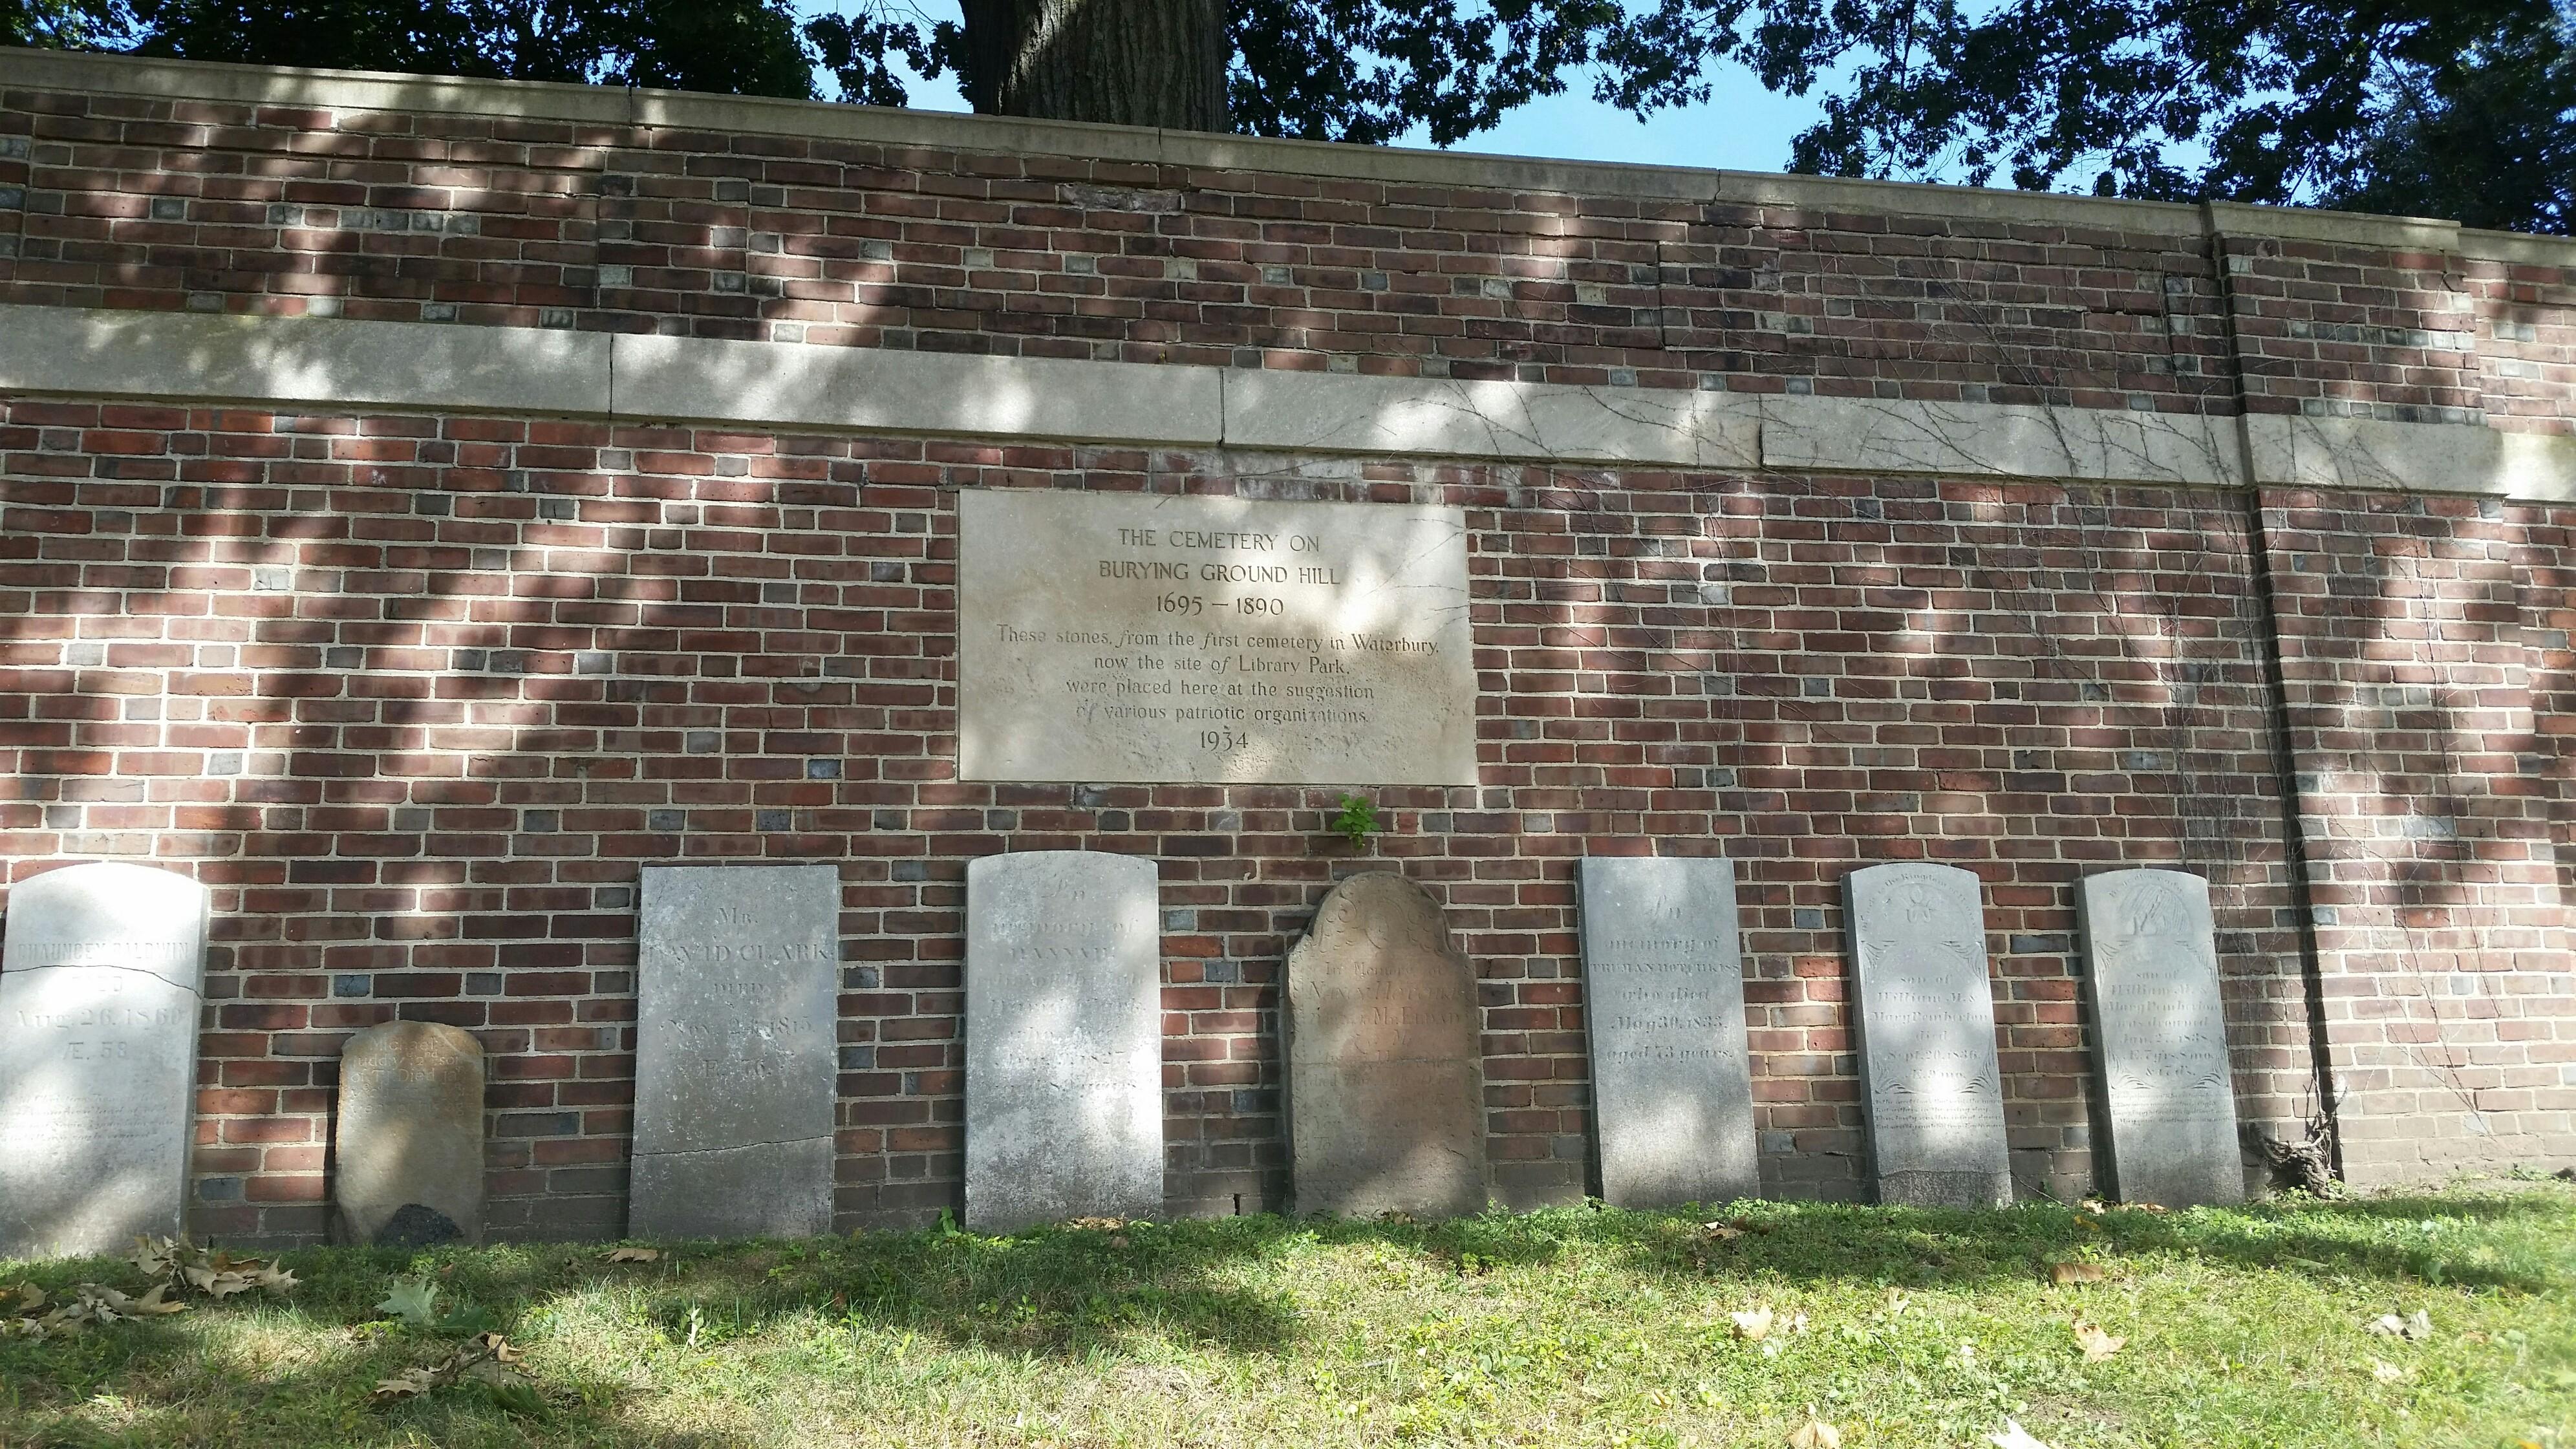 New WWI memorial installed in Waterbury